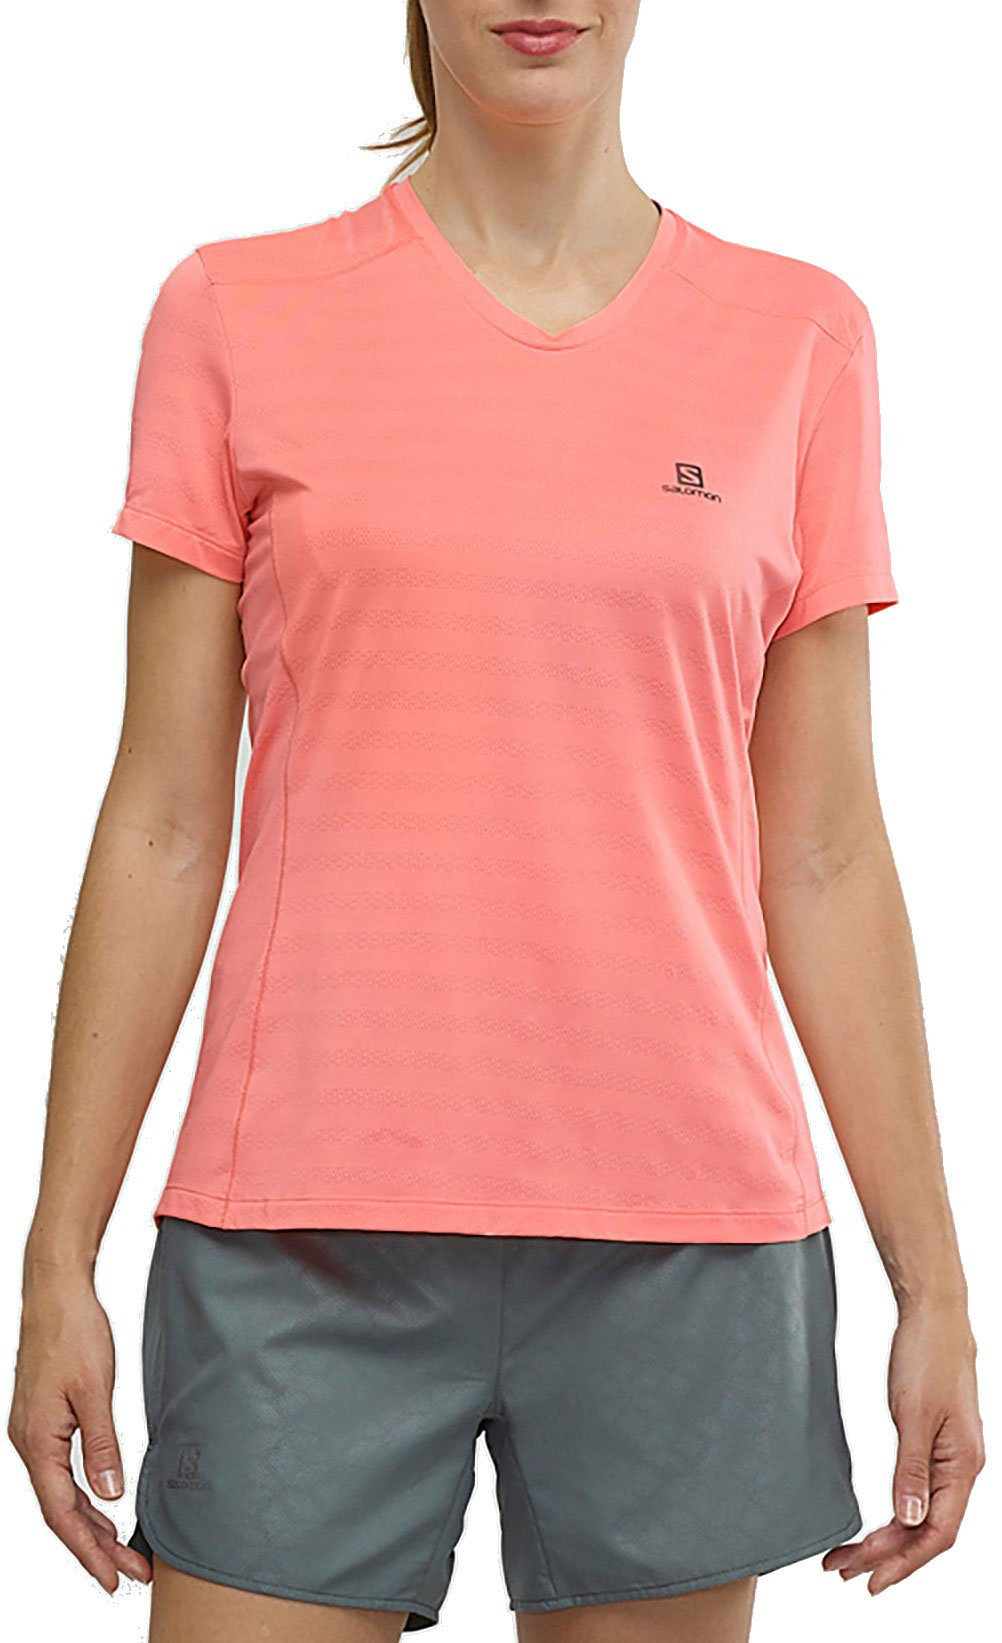 Dámské běžecké tričko s krátkým rukávemSalomon XA